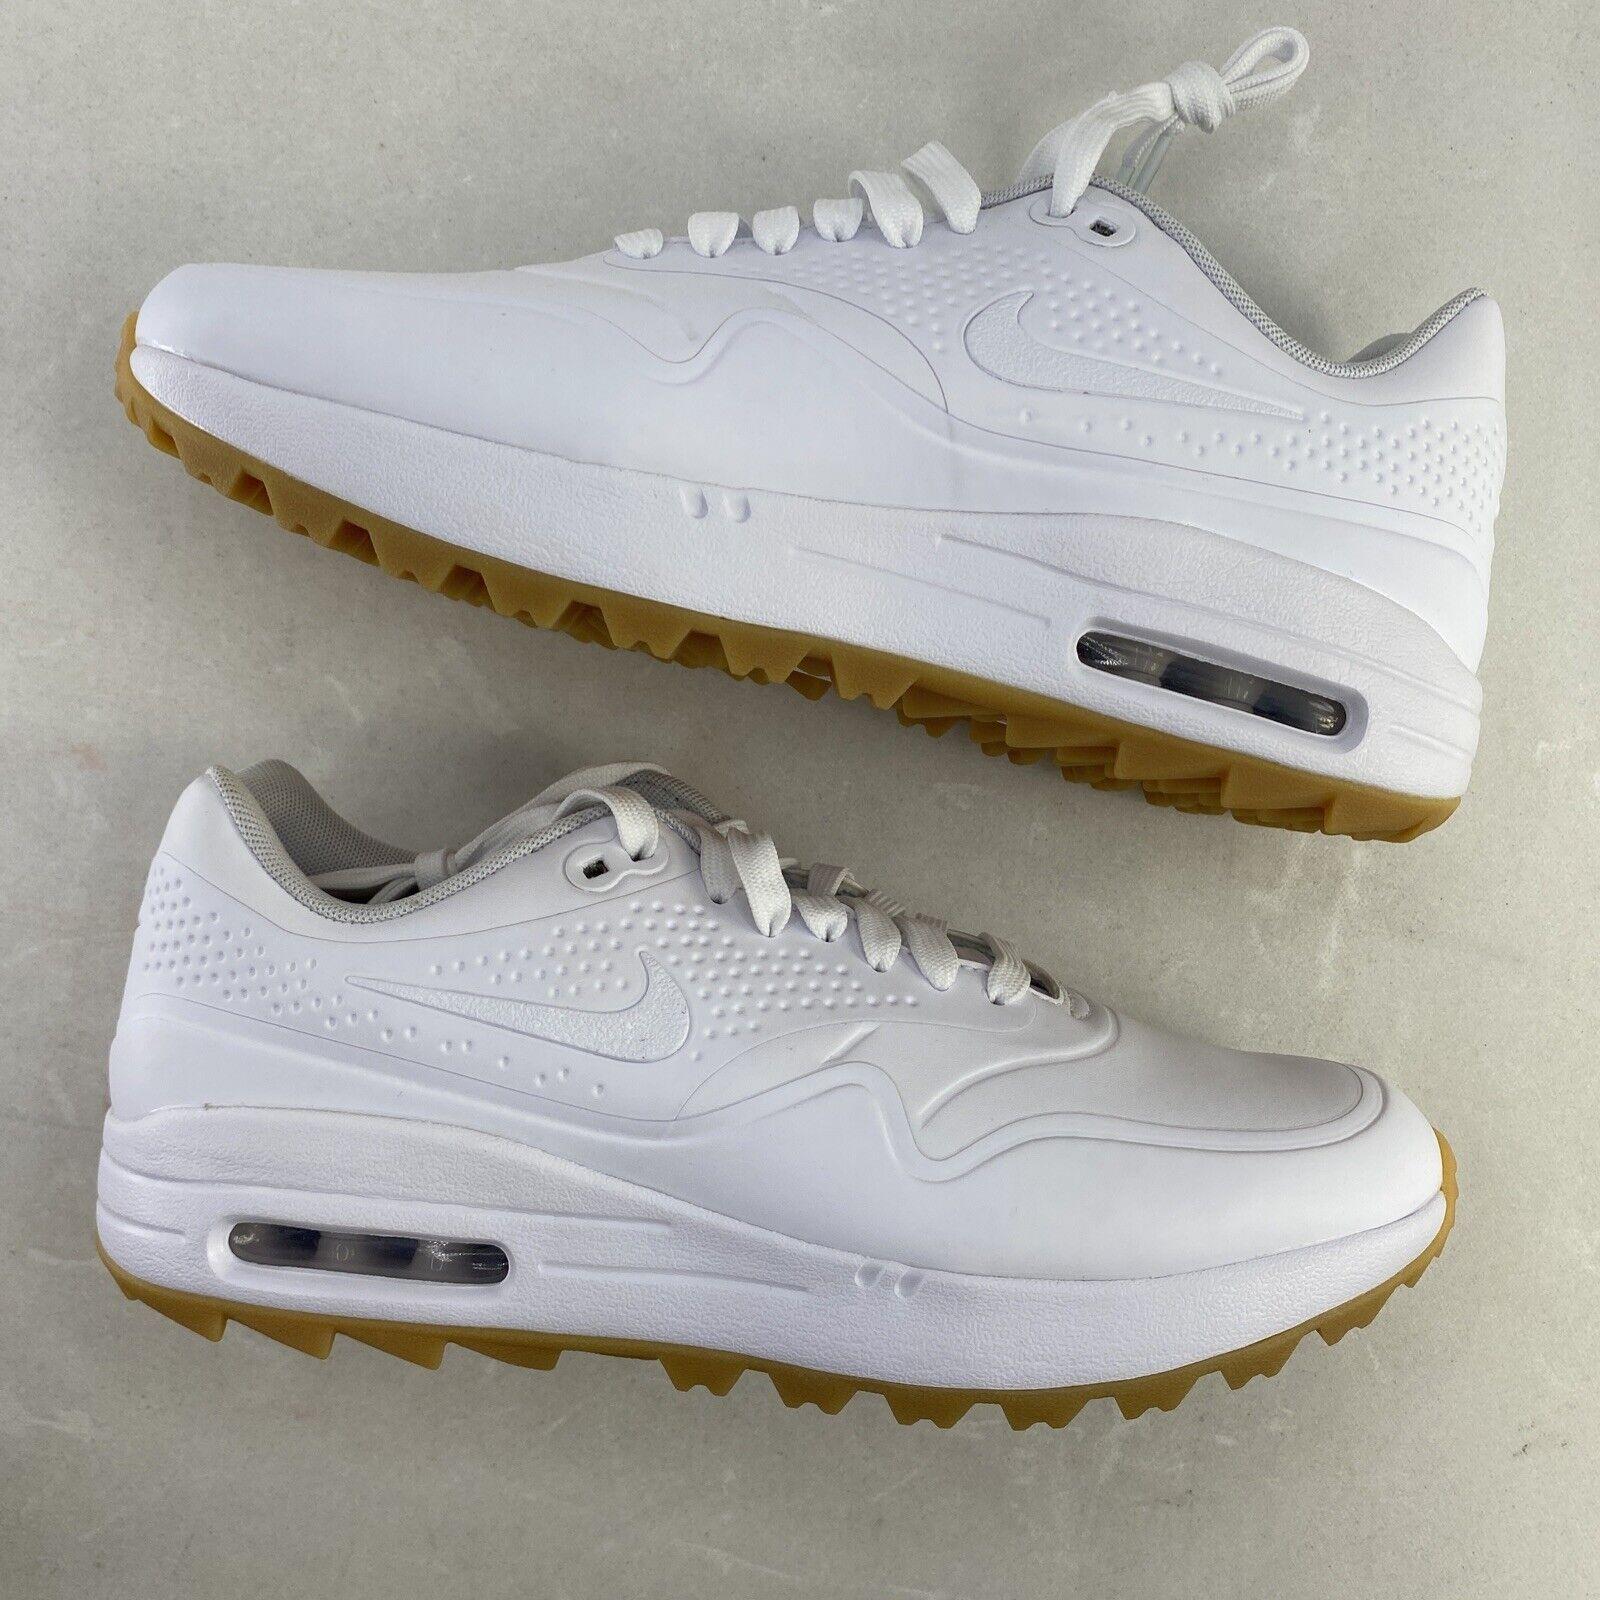 Size 9 - Nike Air Max 1 Golf White Gum